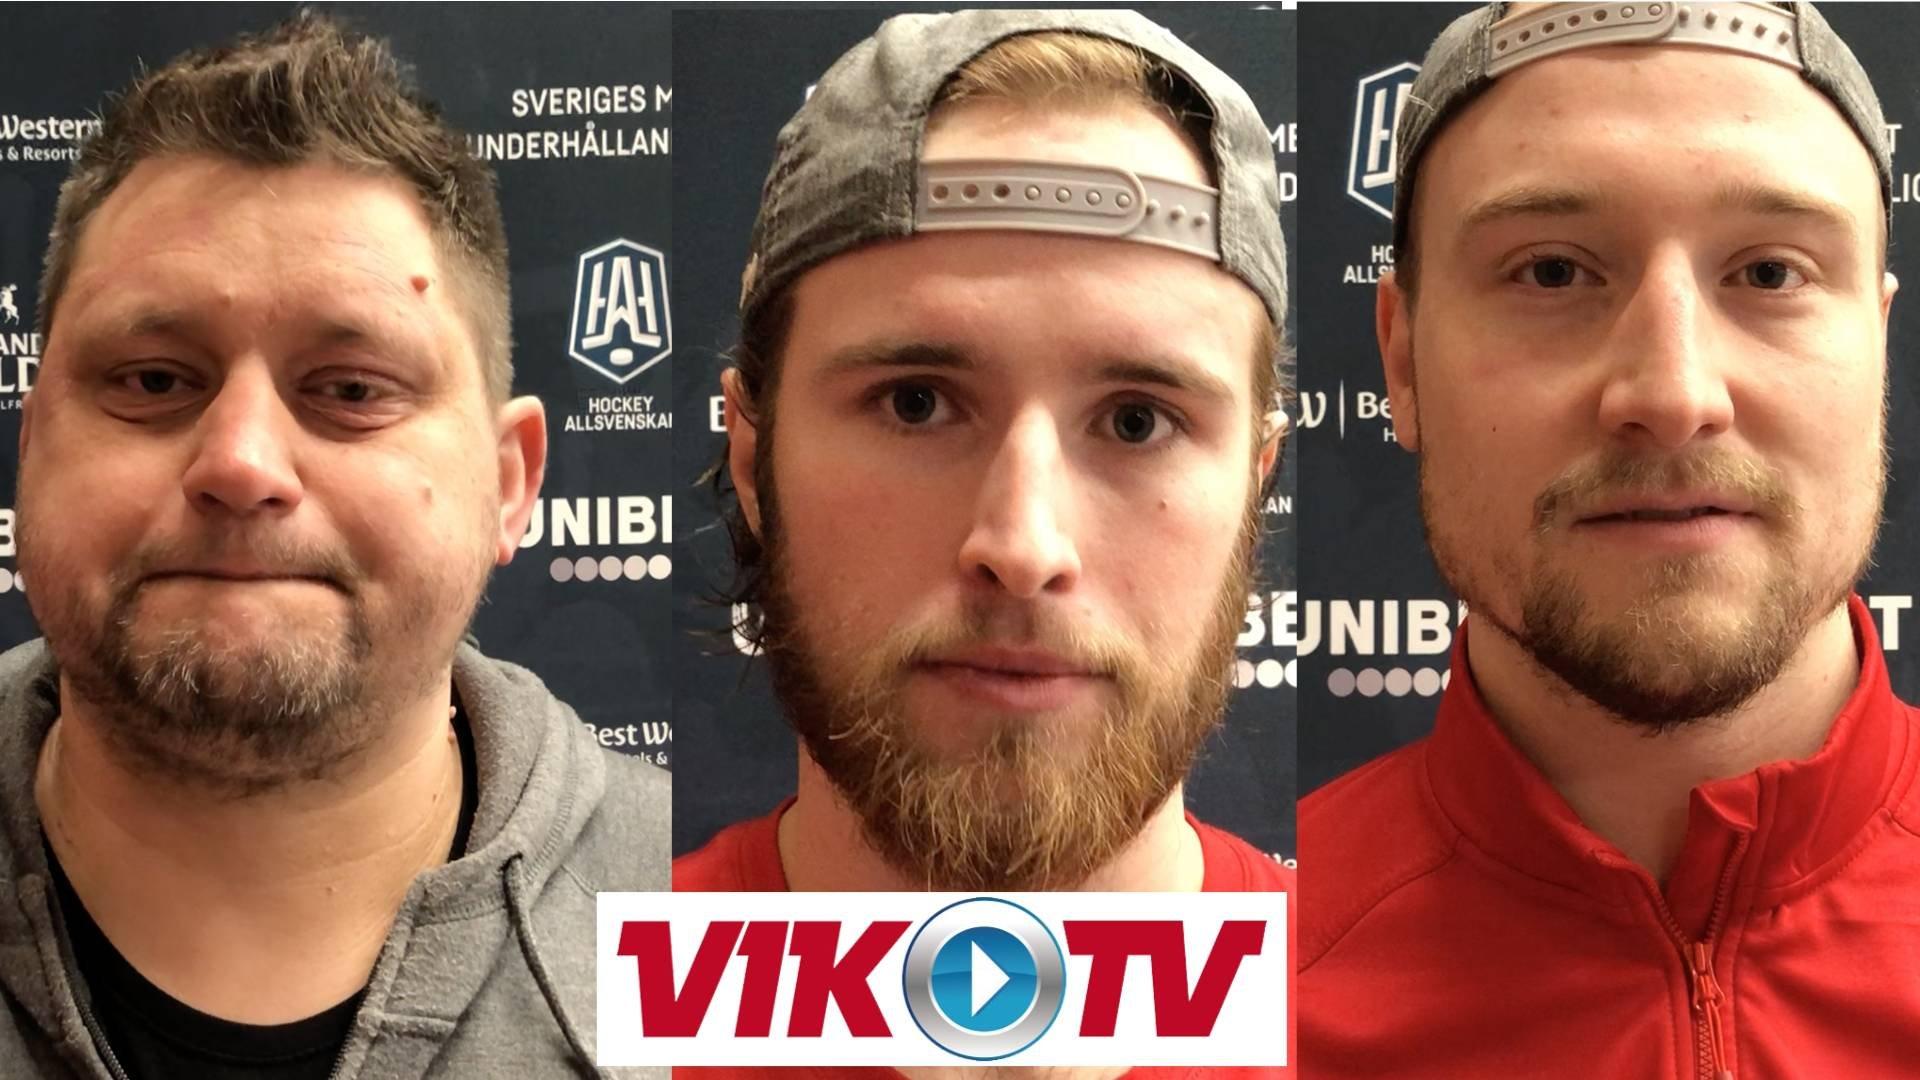 Intervjuer efter vinsten mot Södertälje SK